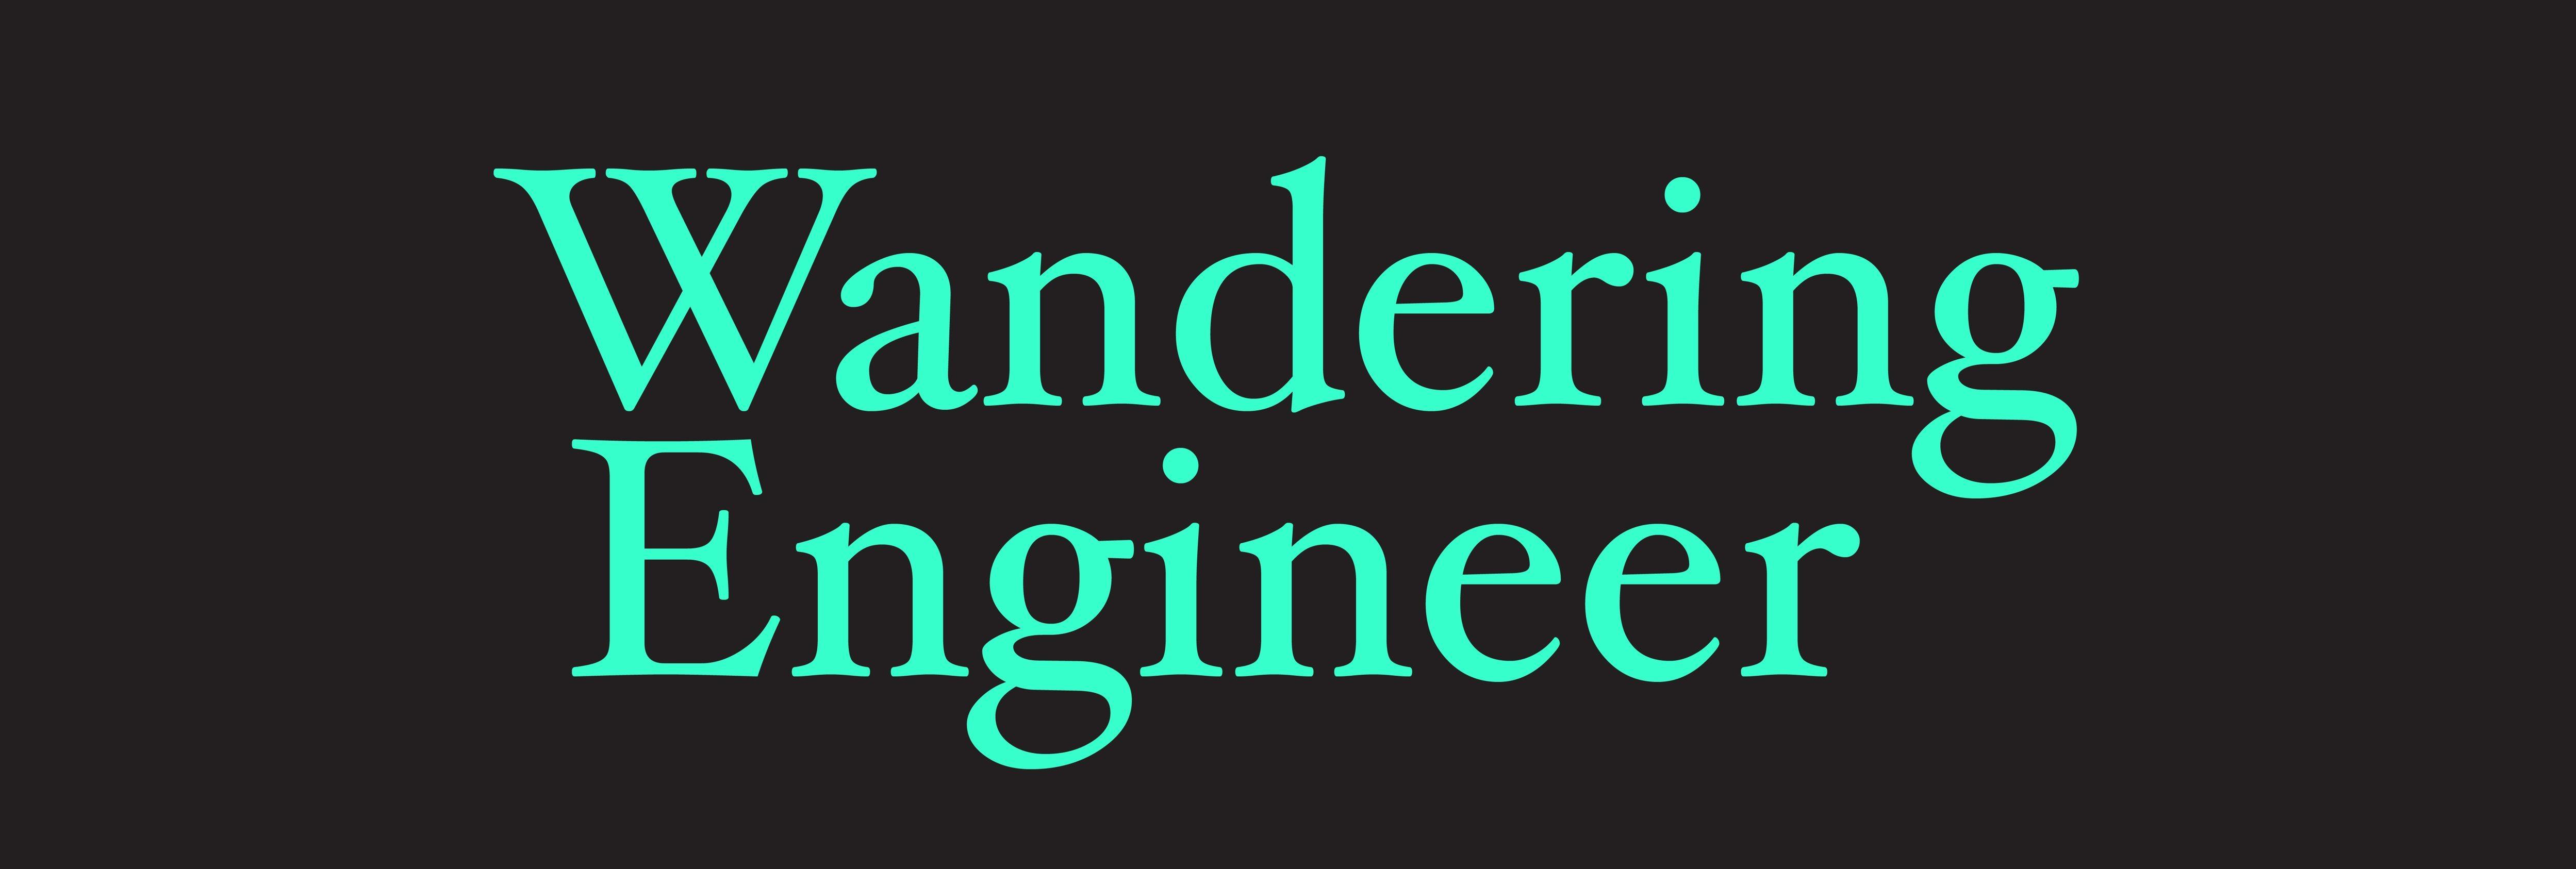 The Wandering Engineer